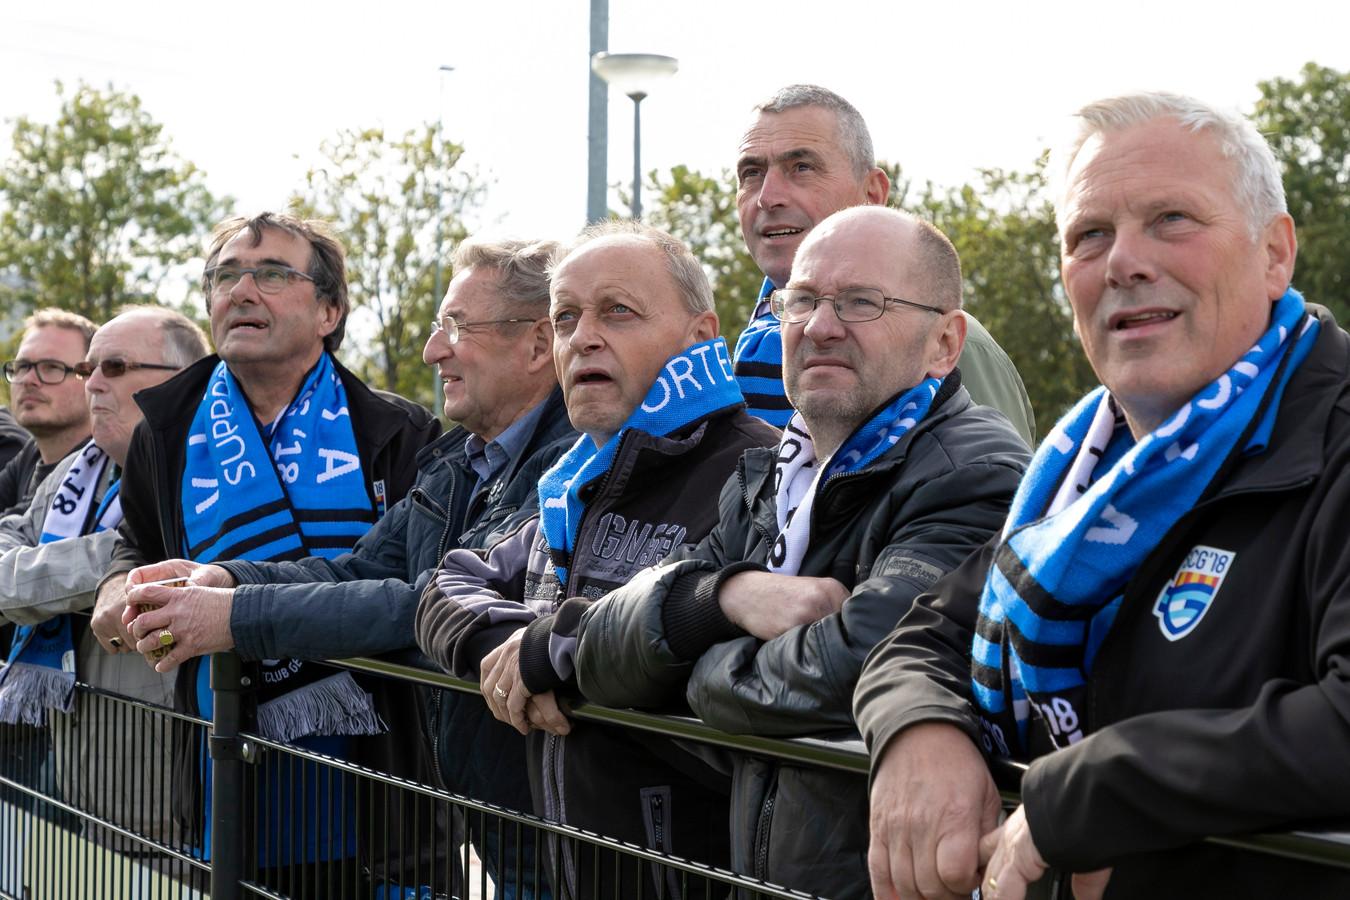 Trouwe supporters langs de lijn bij SCG'18 met de blauw-witte sjaals om.